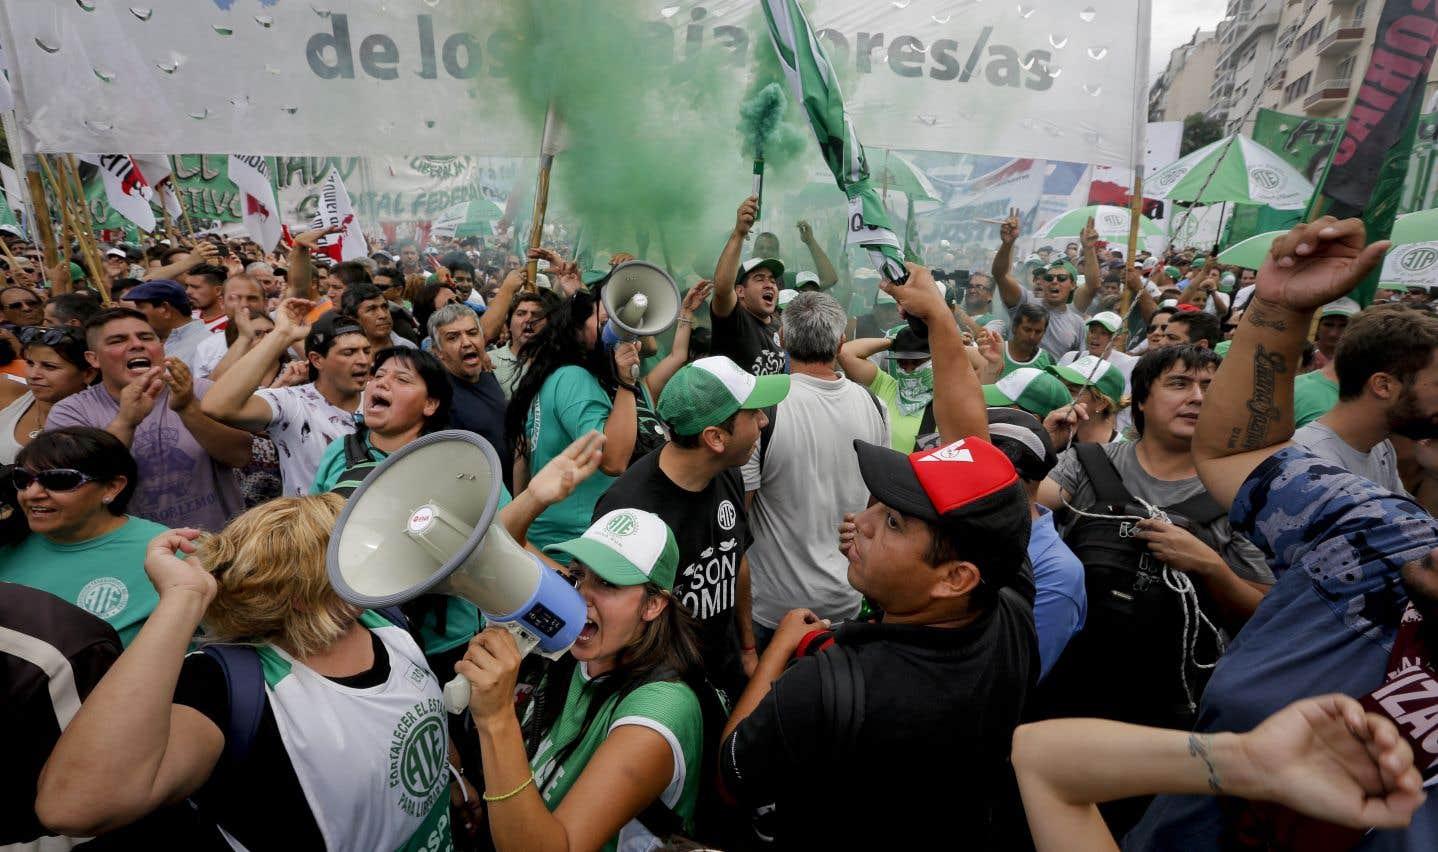 Les manifestants ont protesté contre les réformes économiques du président de centre droit Mauricio Macri.